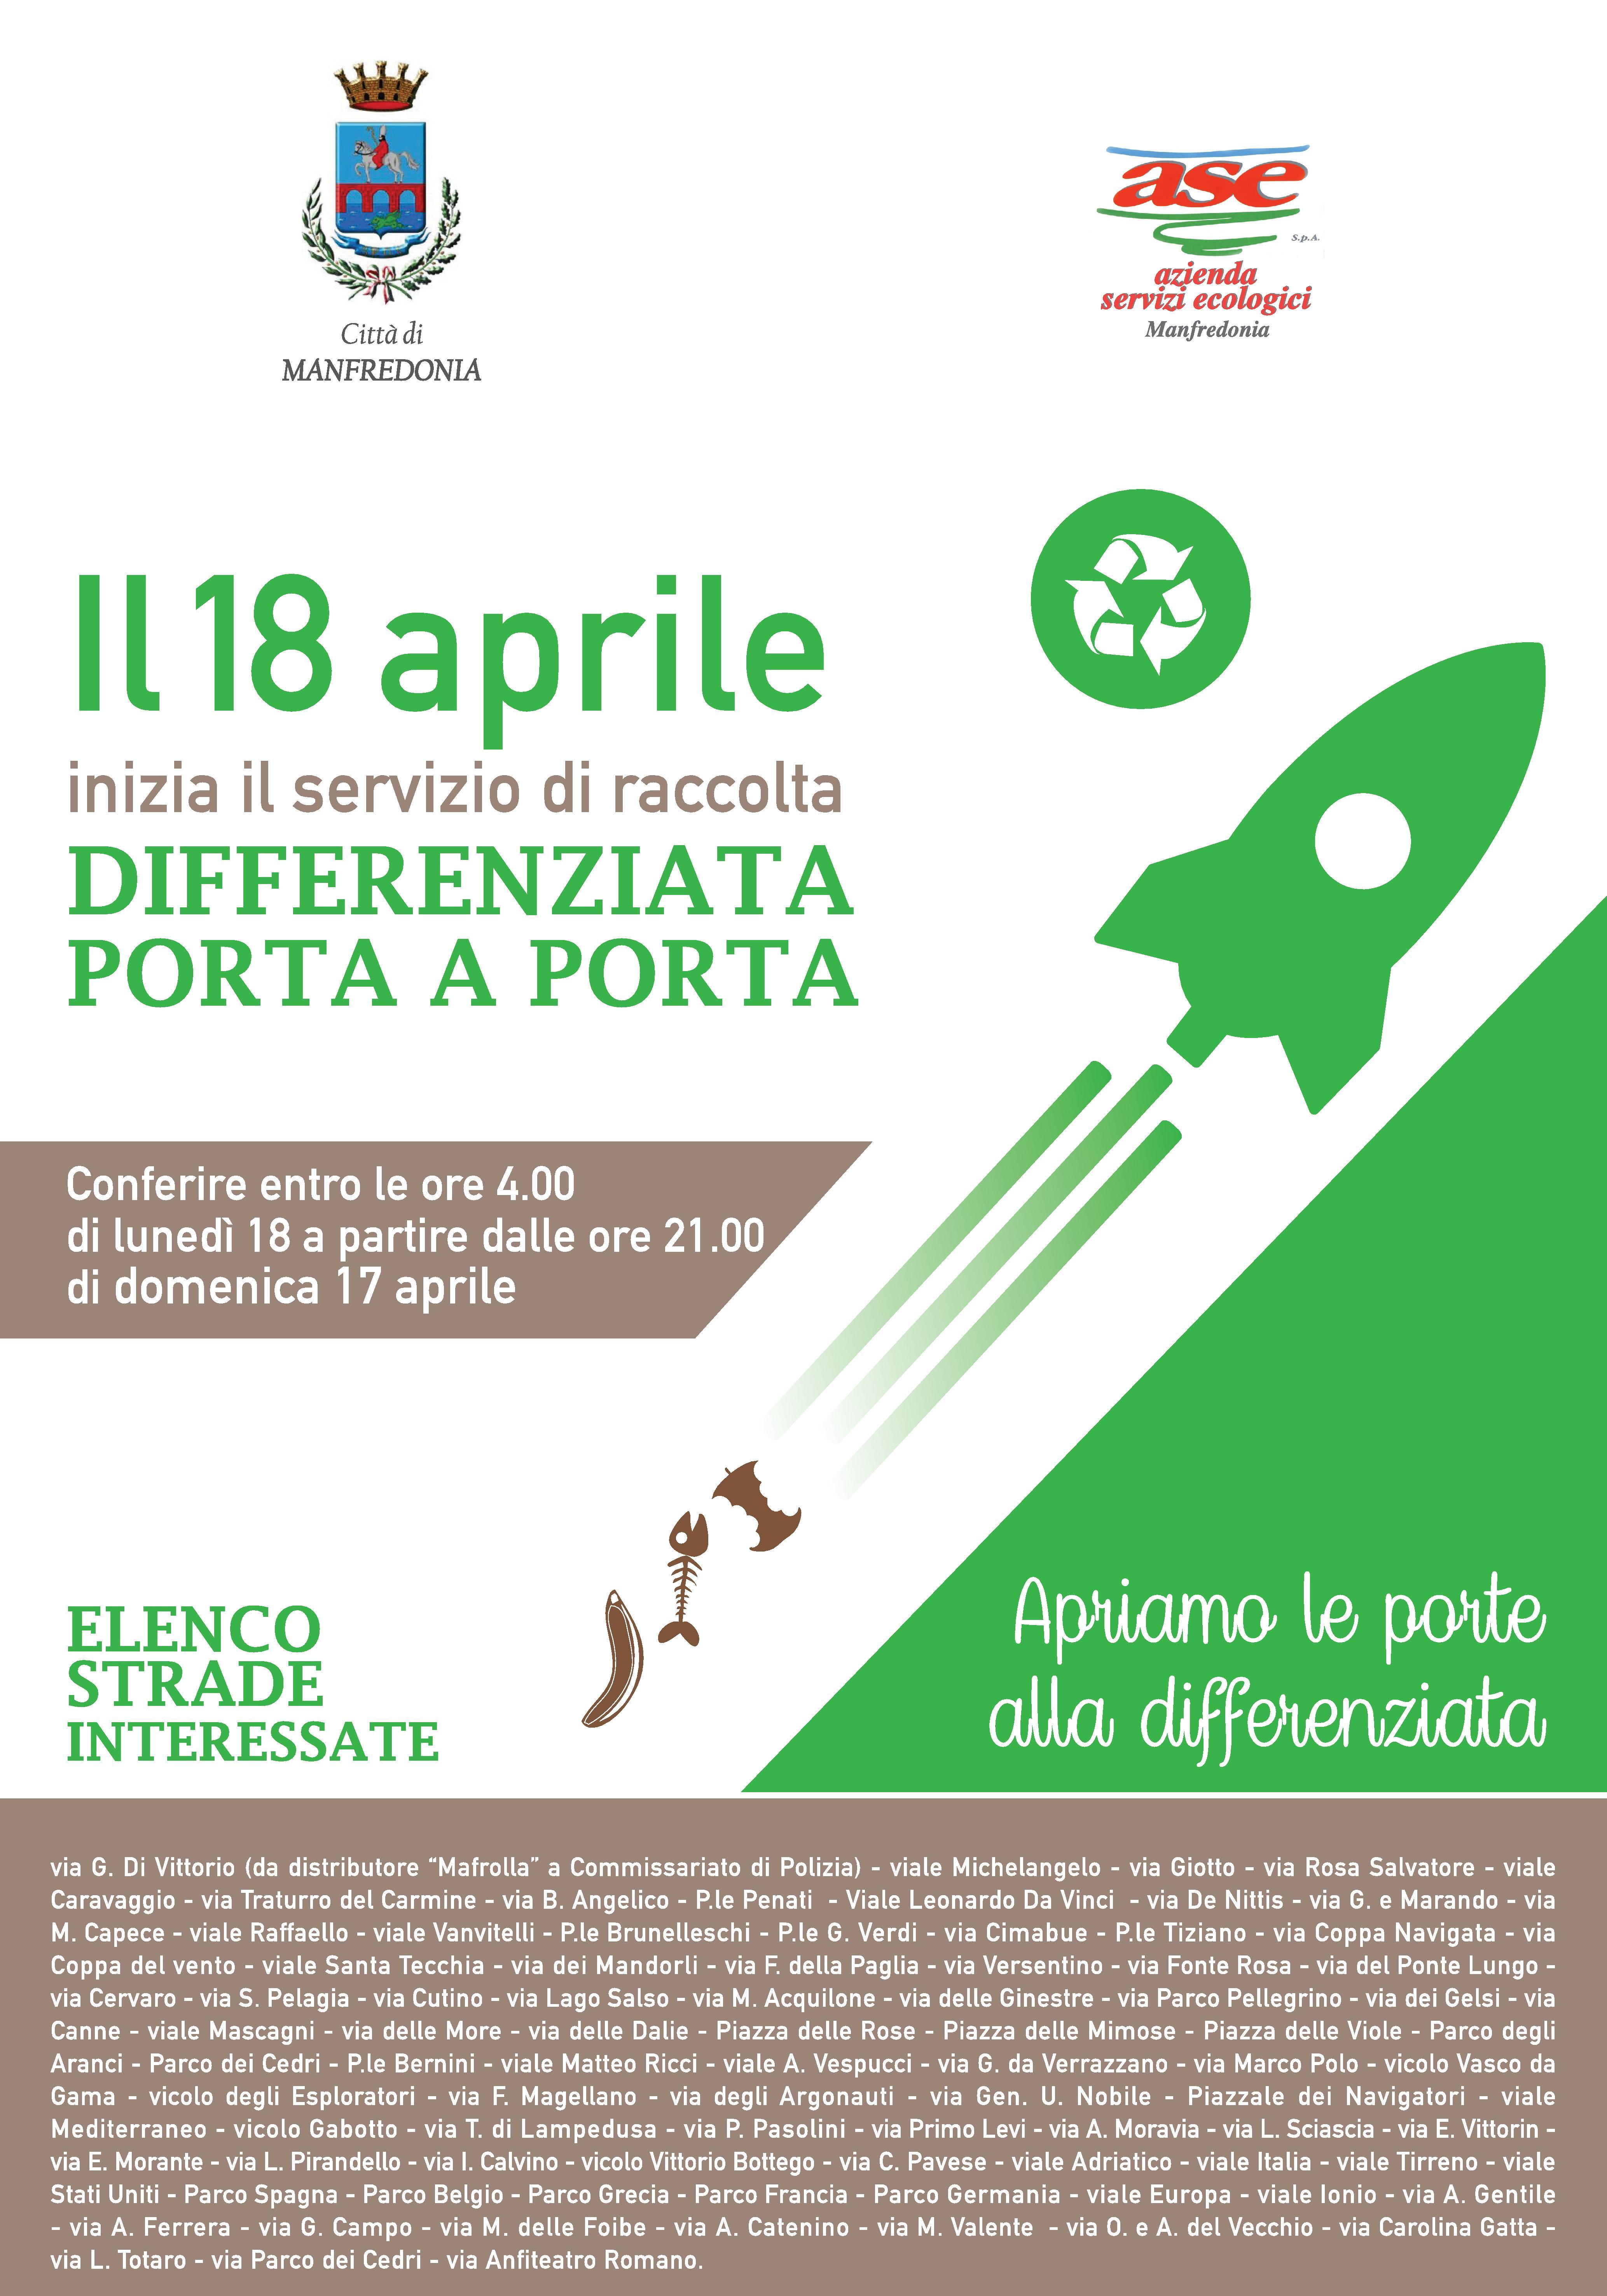 ALLEGATO_22_MANIFESTO-INIZIO-SERVIZIO-RACCOLTA_70x100-page-001 (1)